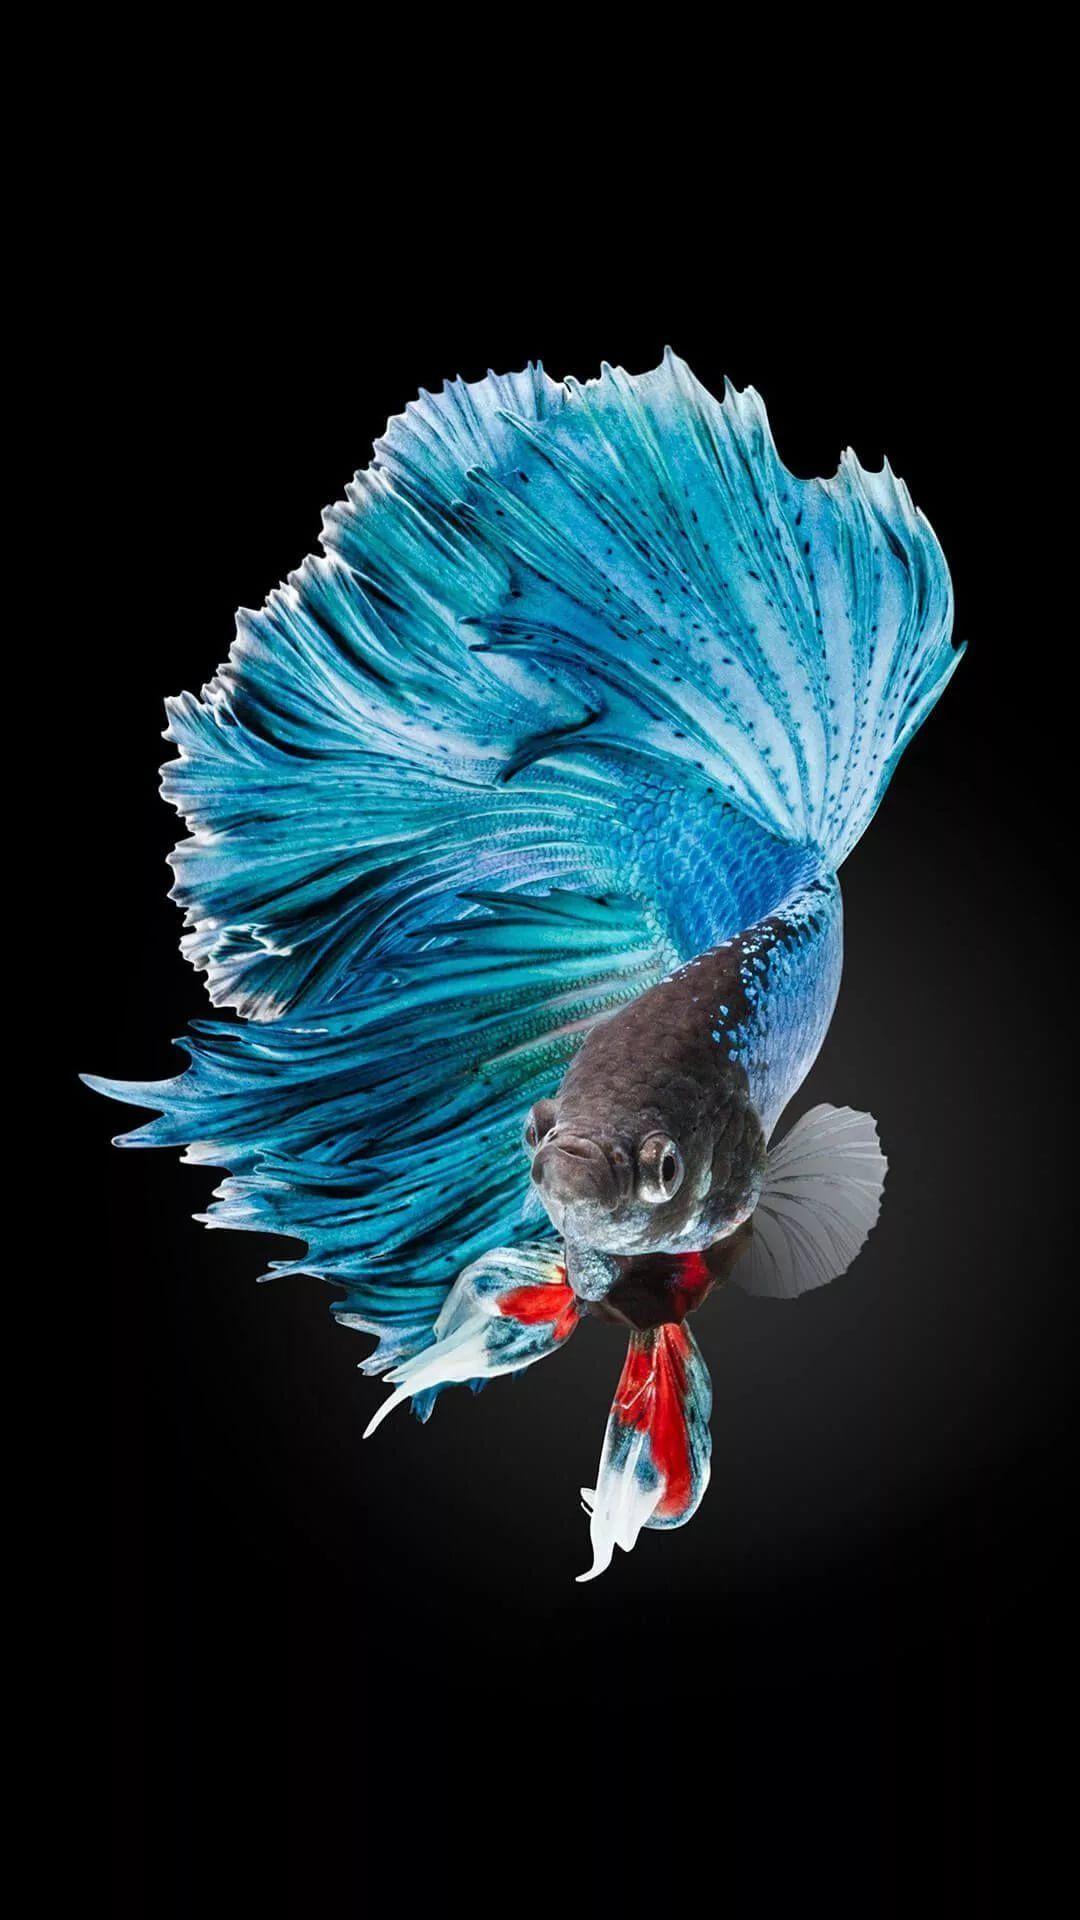 Betta Fish phone background